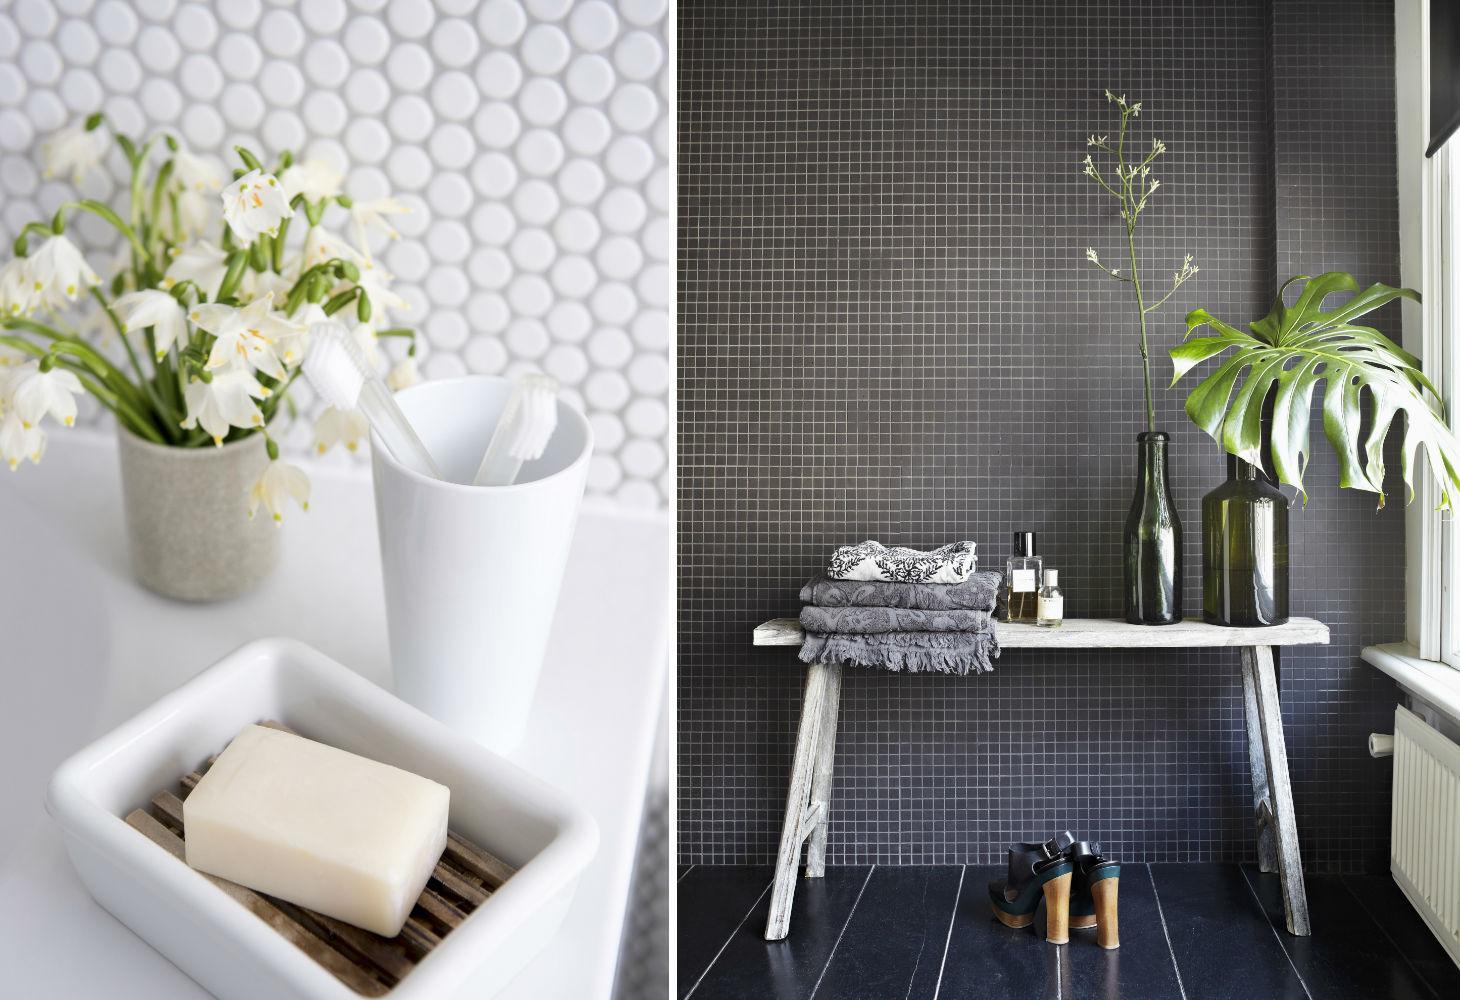 Idee Per Arredare Bagno come arredare il bagno pratico 5 idee | westwing magazine